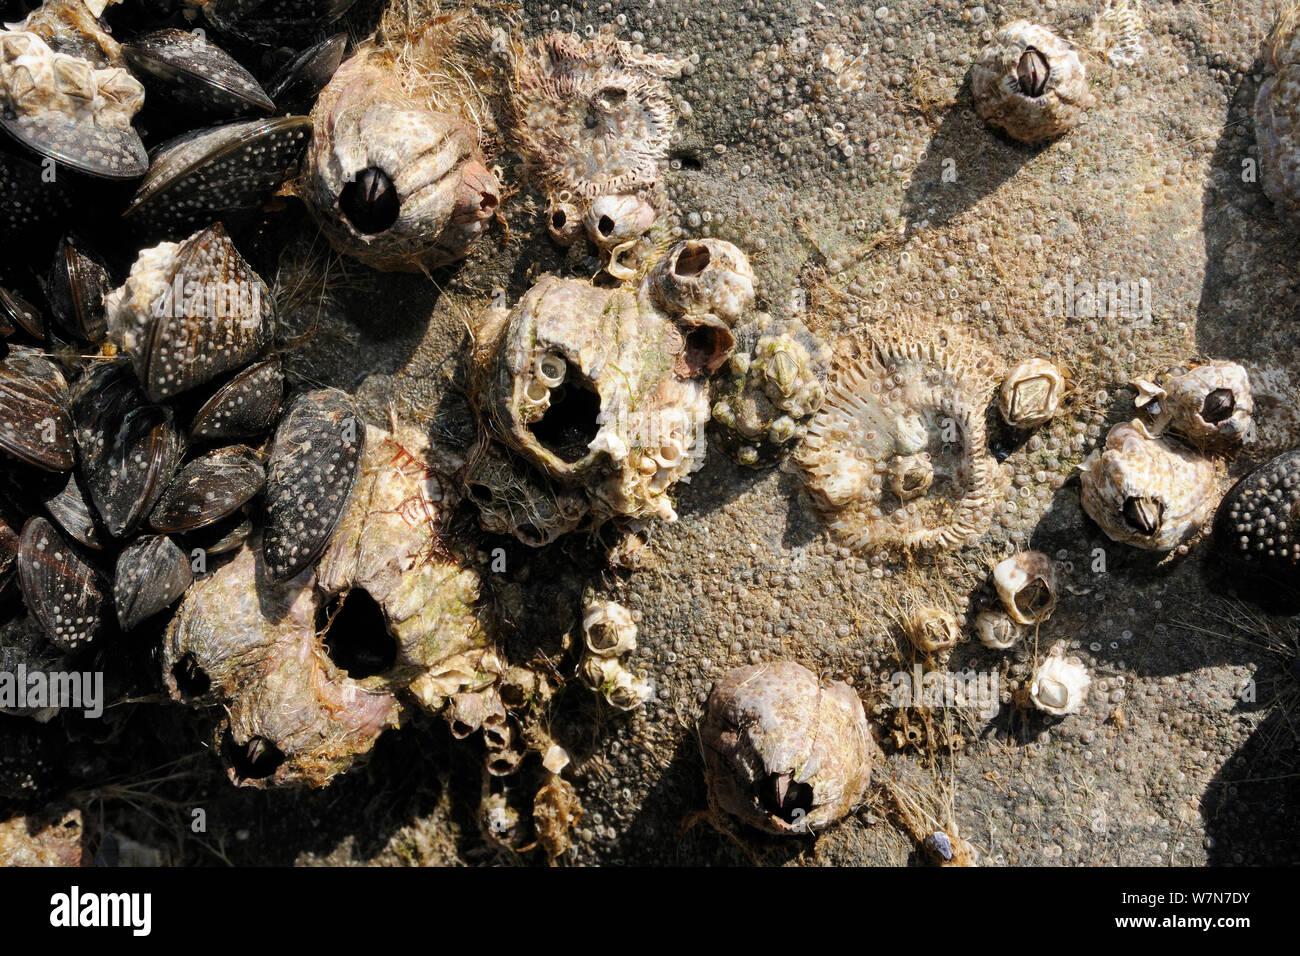 Acorn percebes (Balanus perforatus) vivos y muertos adjunta a rocas comunes junto a mejillones (Mytilus edulis) con masas de muy joven, percebes y recientemente se asentaron cyprid larvas en el proceso de calcificante en la cara de la roca y el mejillón percebe y conchas. Rhossili, la Península de Gower, REINO UNIDO, Julio. Foto de stock